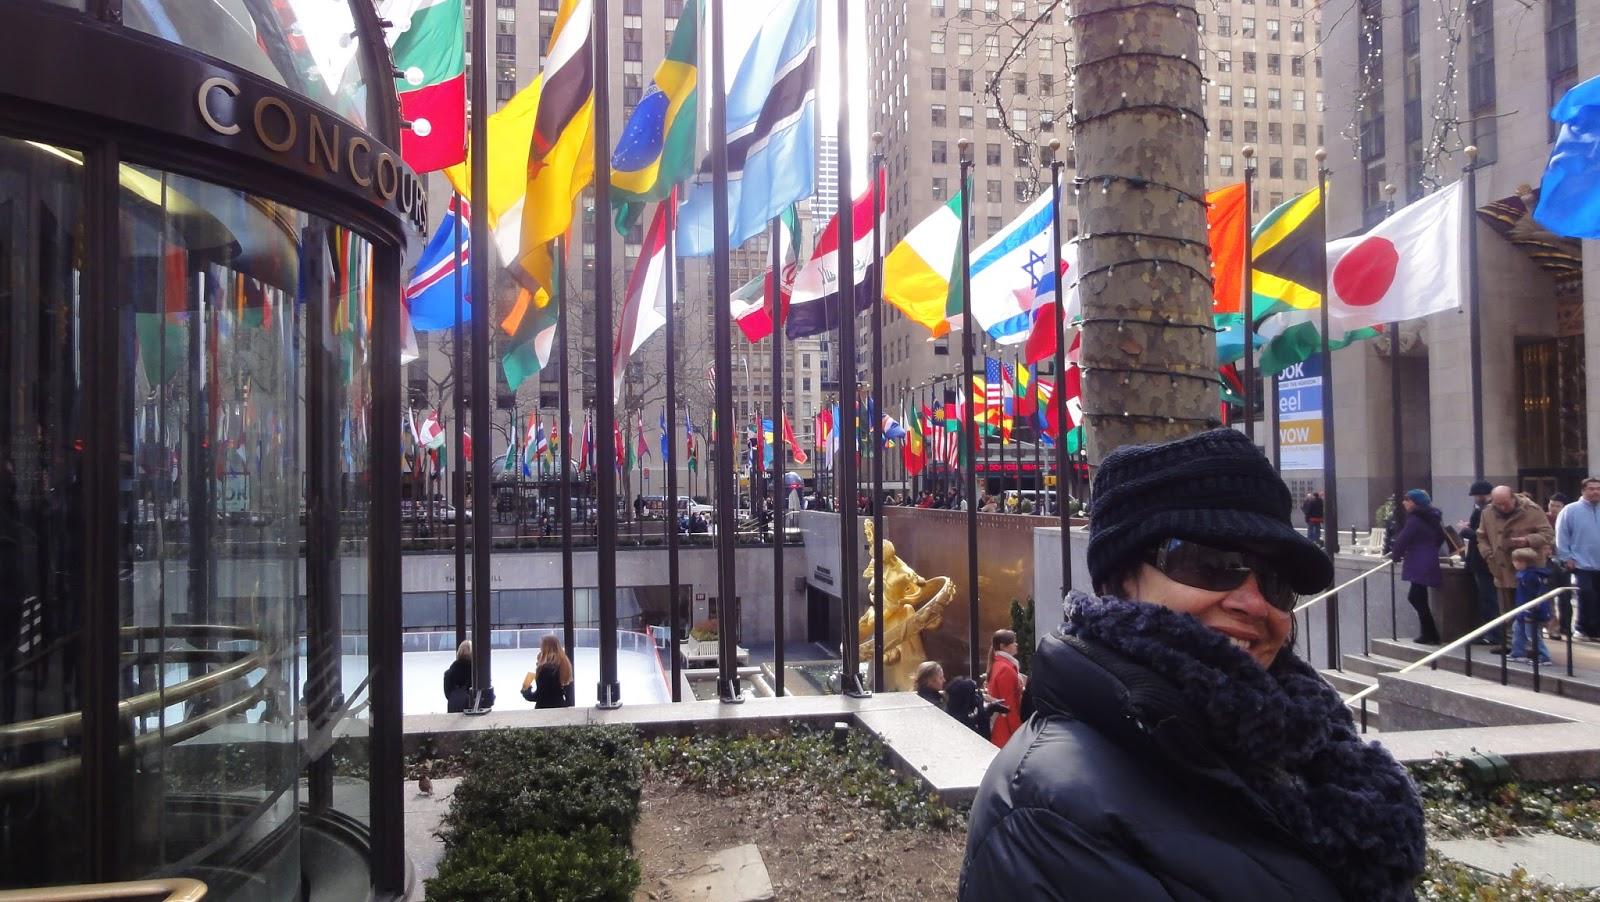 Nova York Estados Unidos  Dicas de viagem entre os